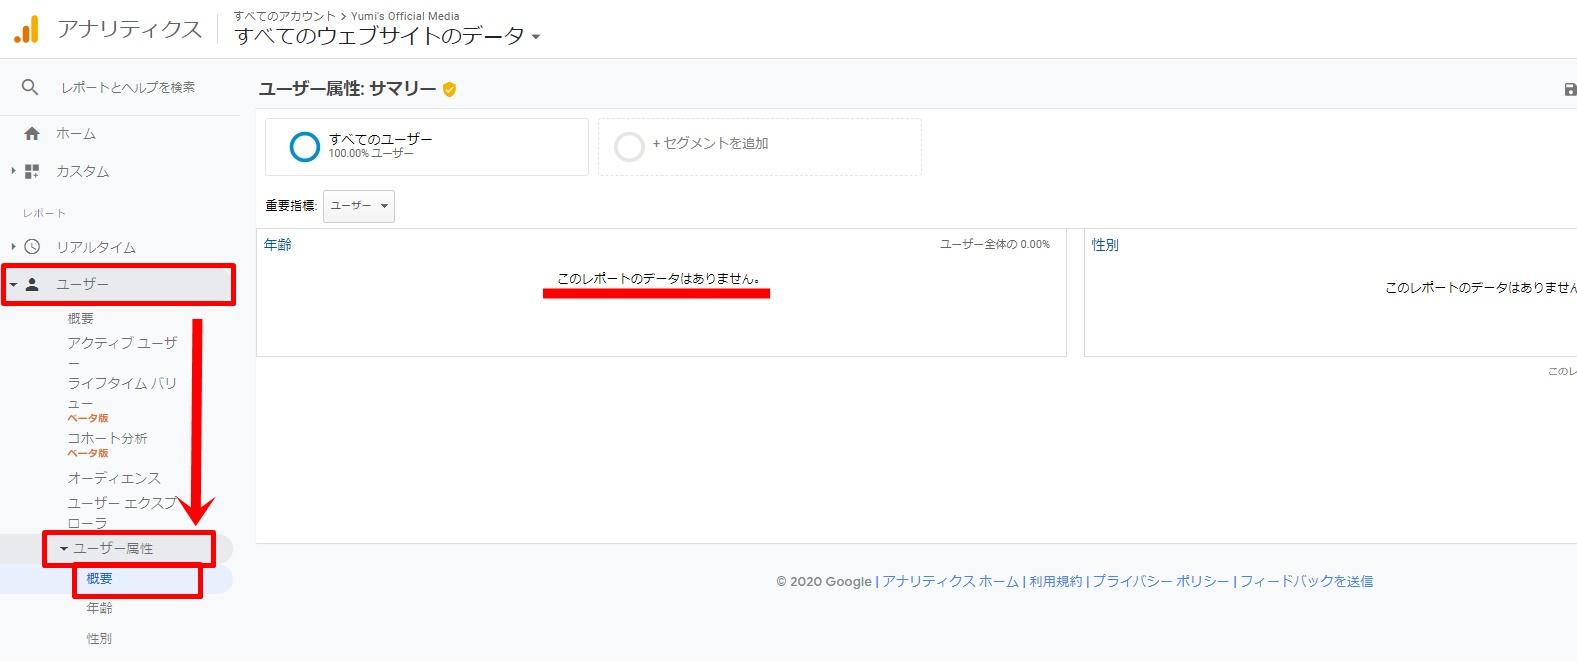 ユーザー属性を確認する